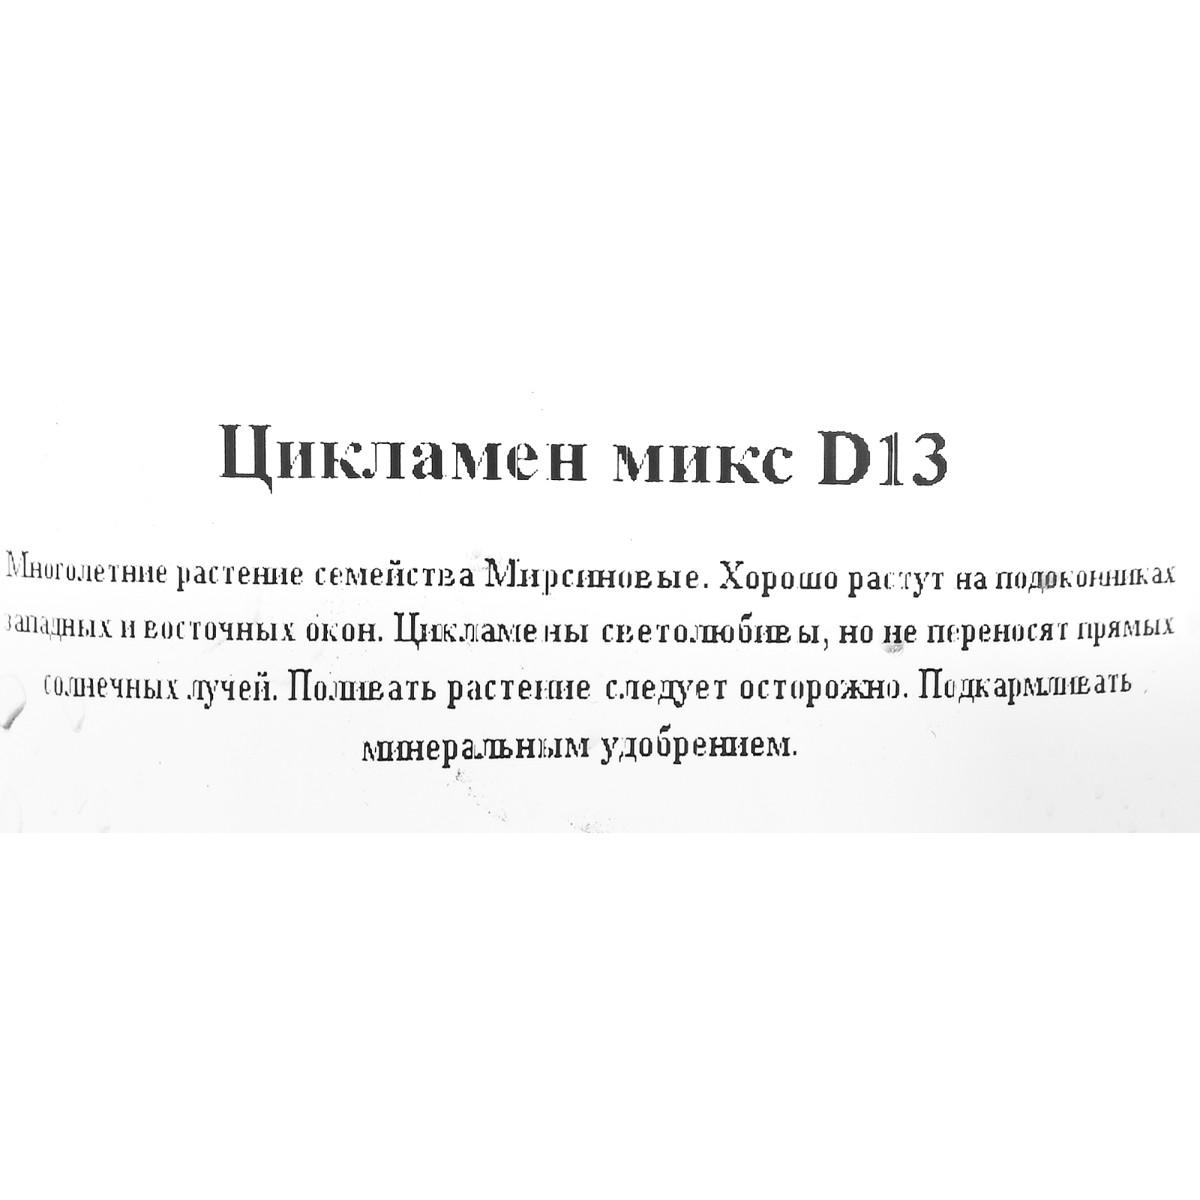 Цикламен Микс D12